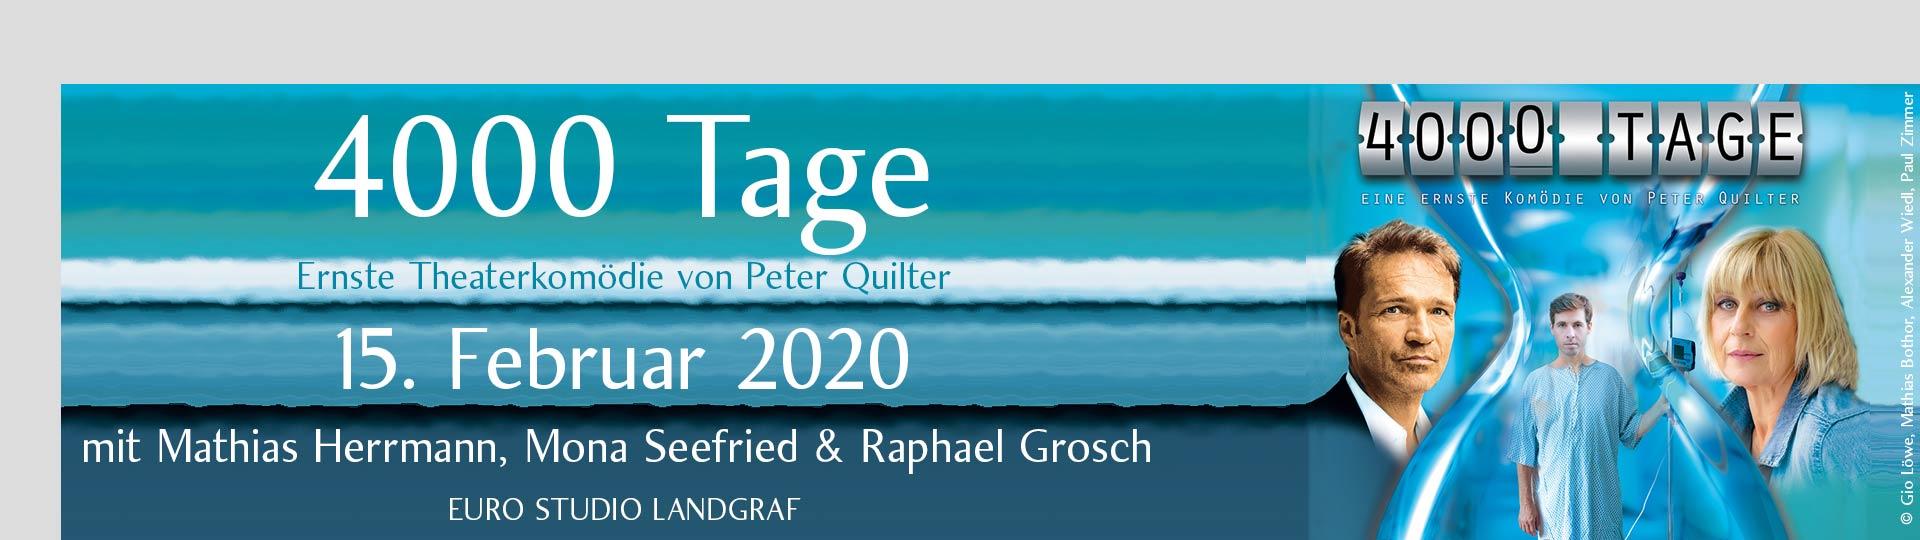 """""""4000 Tage (4000 Days)"""" – Ernste Theaterkomödie von Peter Quilter"""